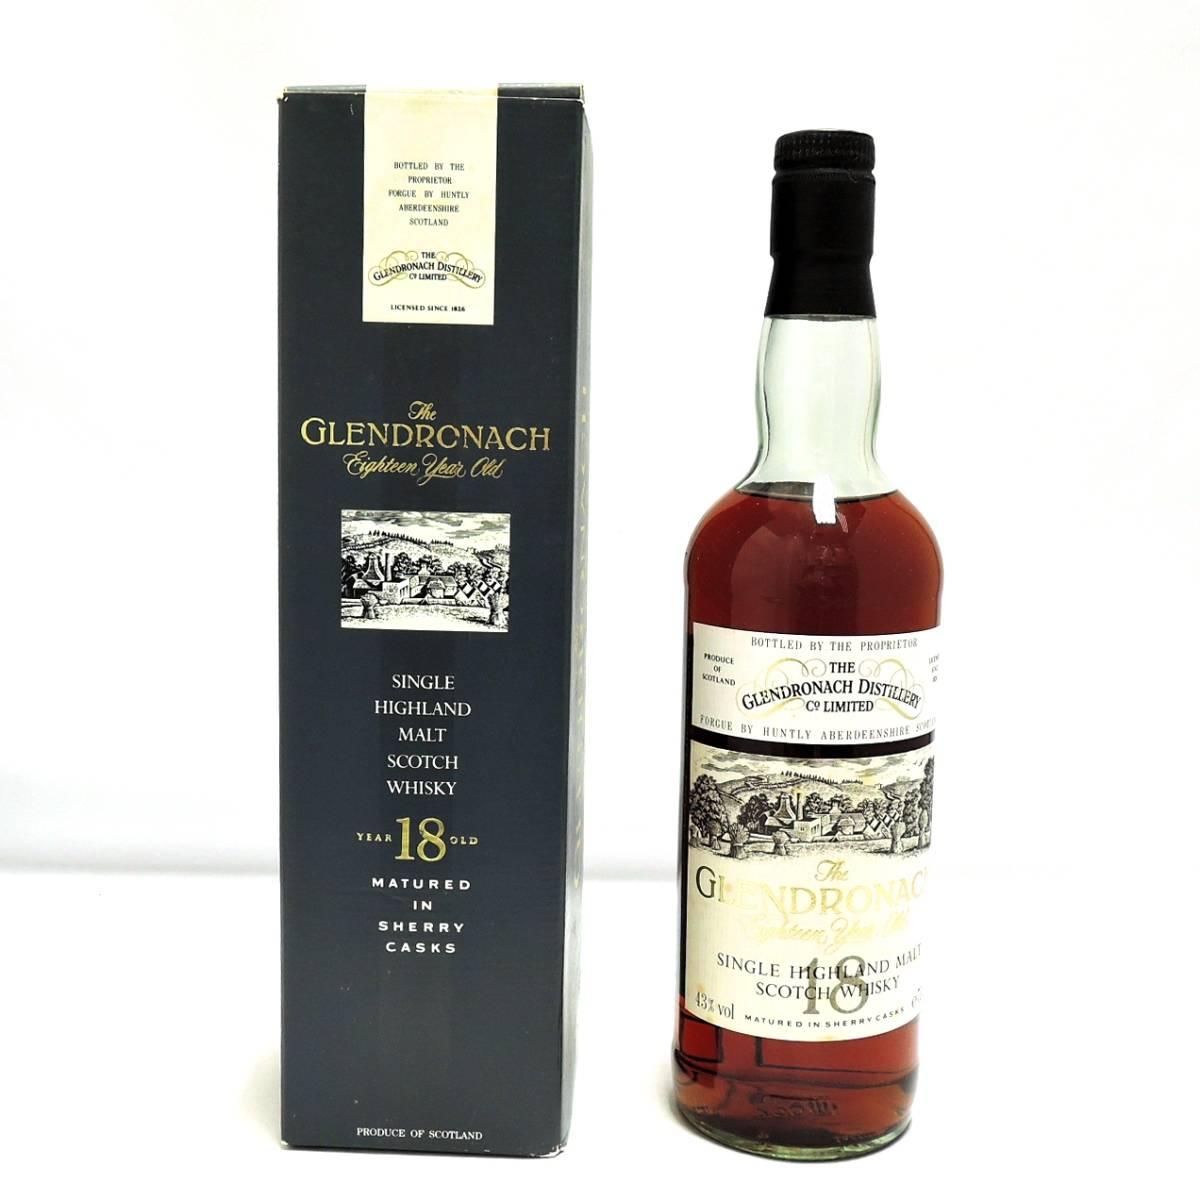 【中古】 古酒 ウイスキー GLENDRONACH 18年 グレンドロナック シングルハイランドモルト スコッチ ウイスキー 700ml 43% FS 箱あり